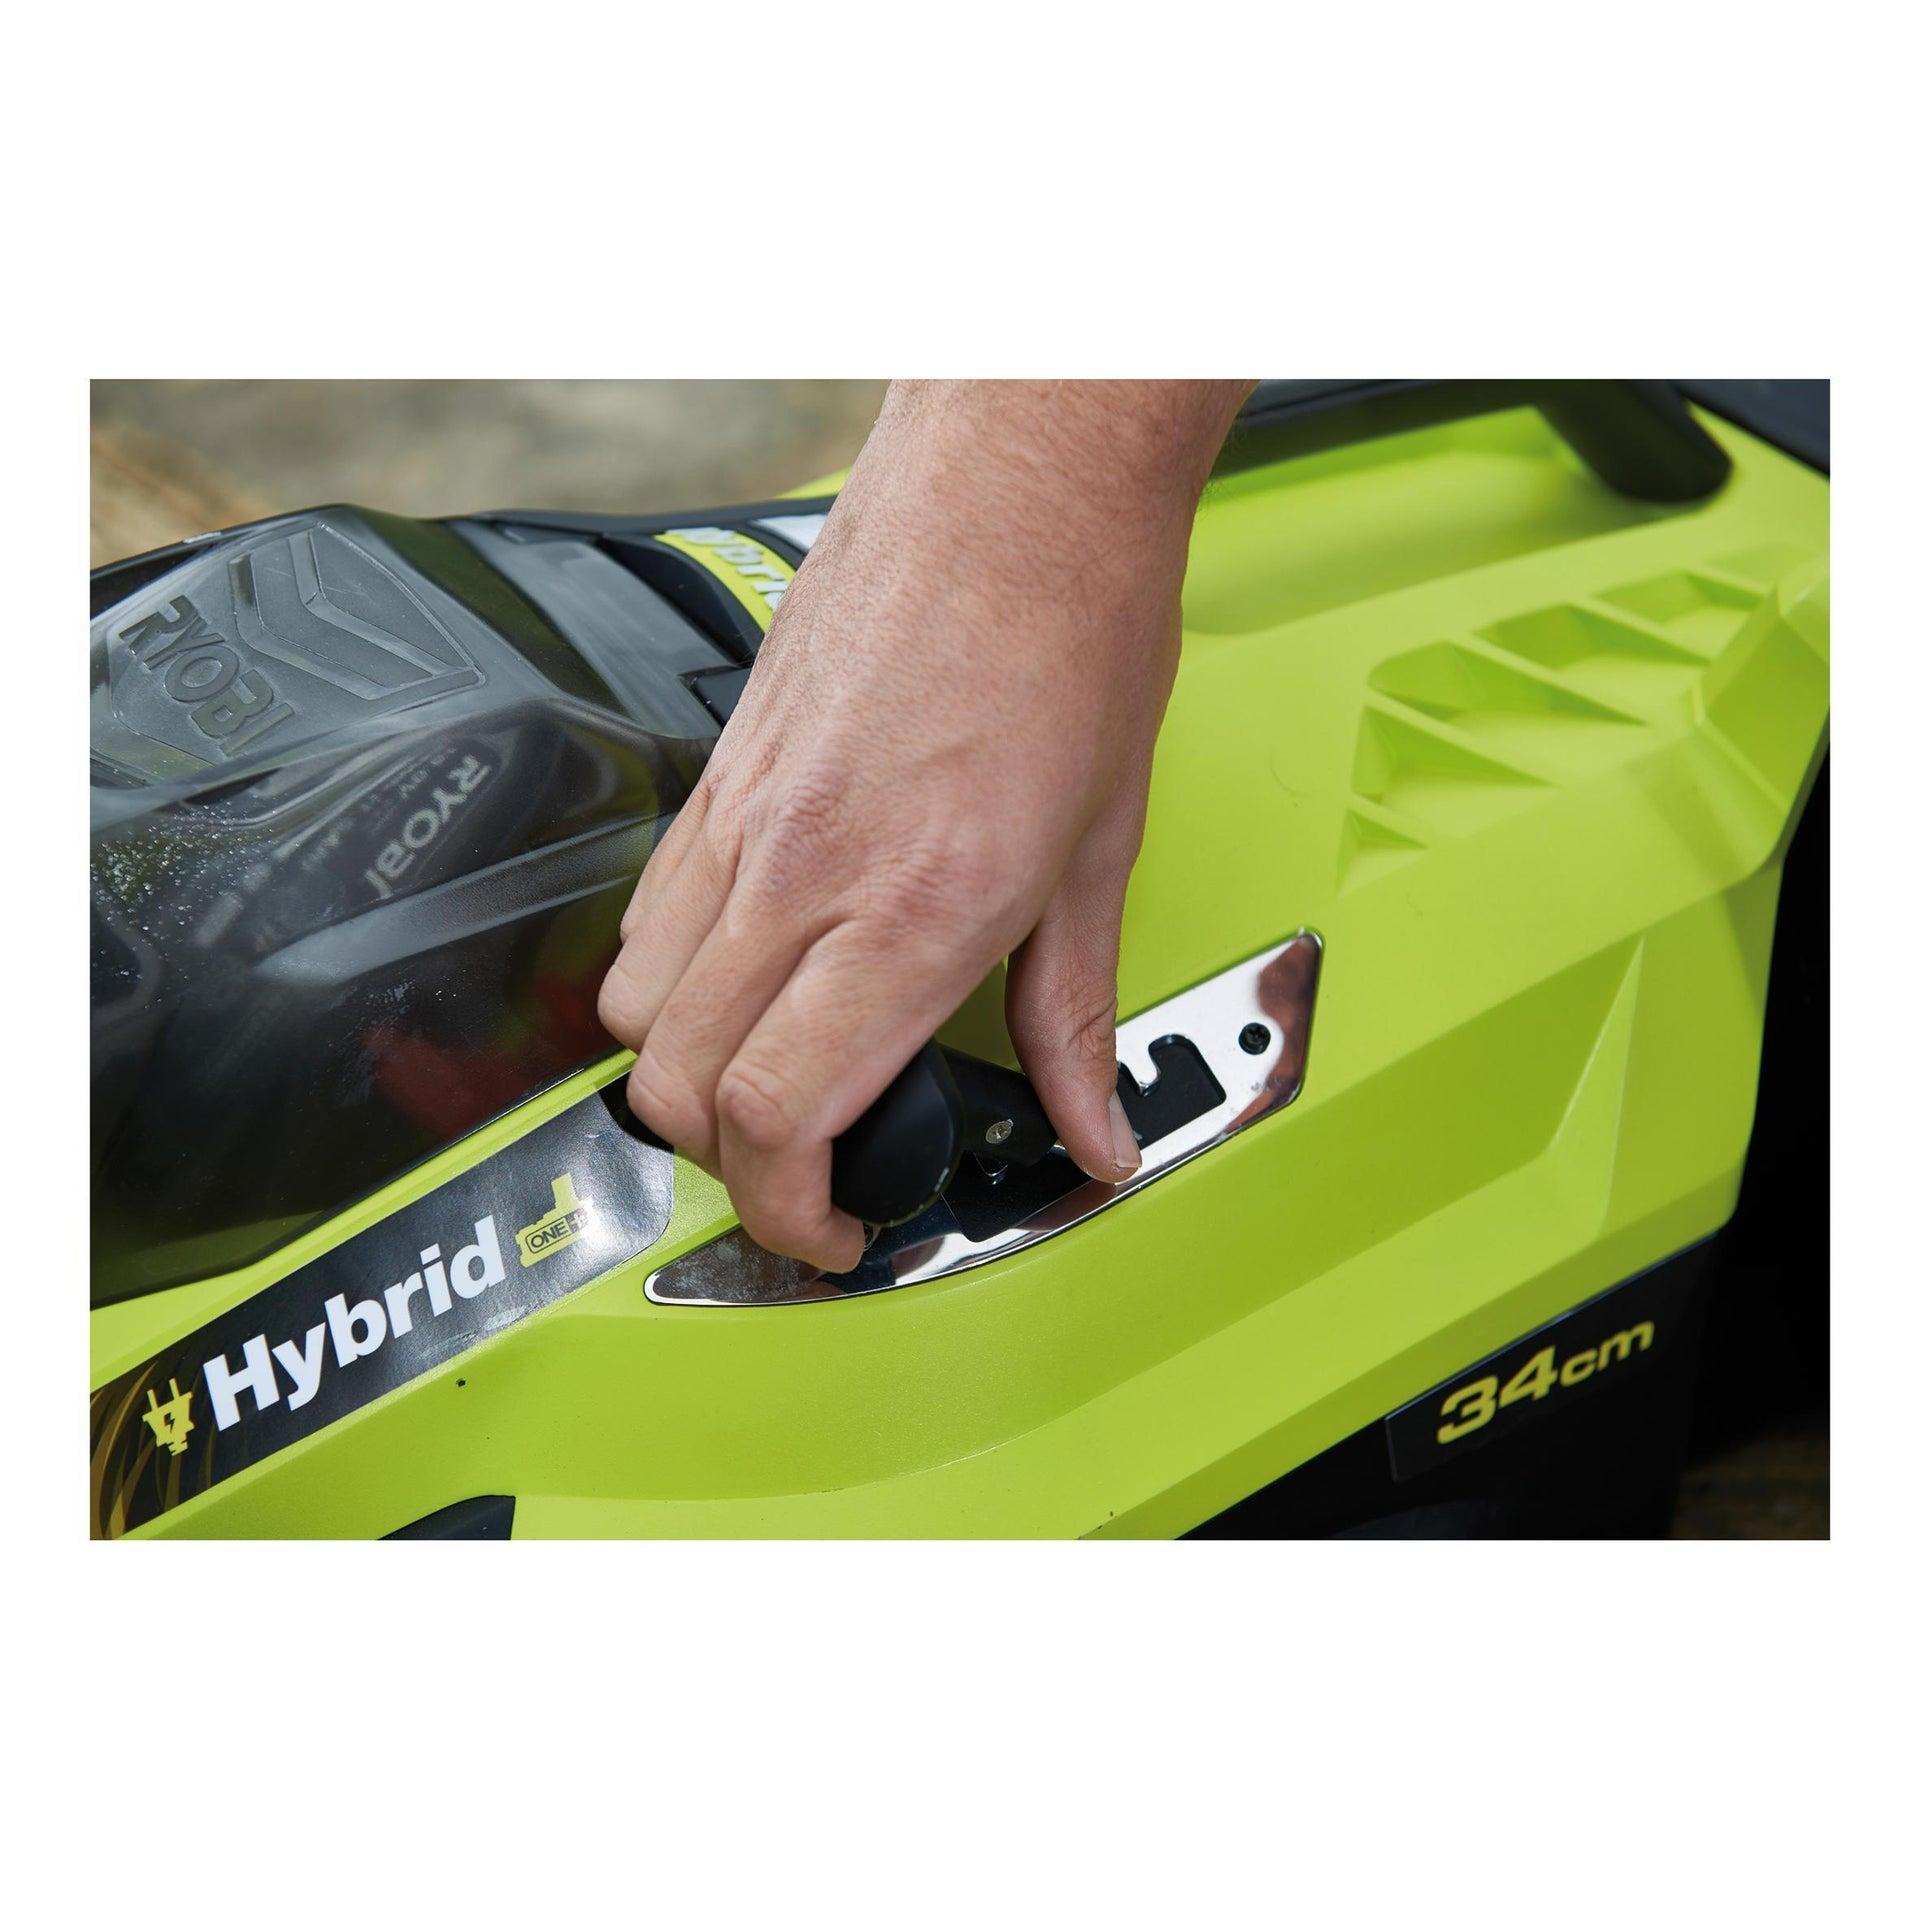 Tagliaerba a batteria a spinta RYOBI RLM18C36H225F 36 V 2.5 Ah - 1